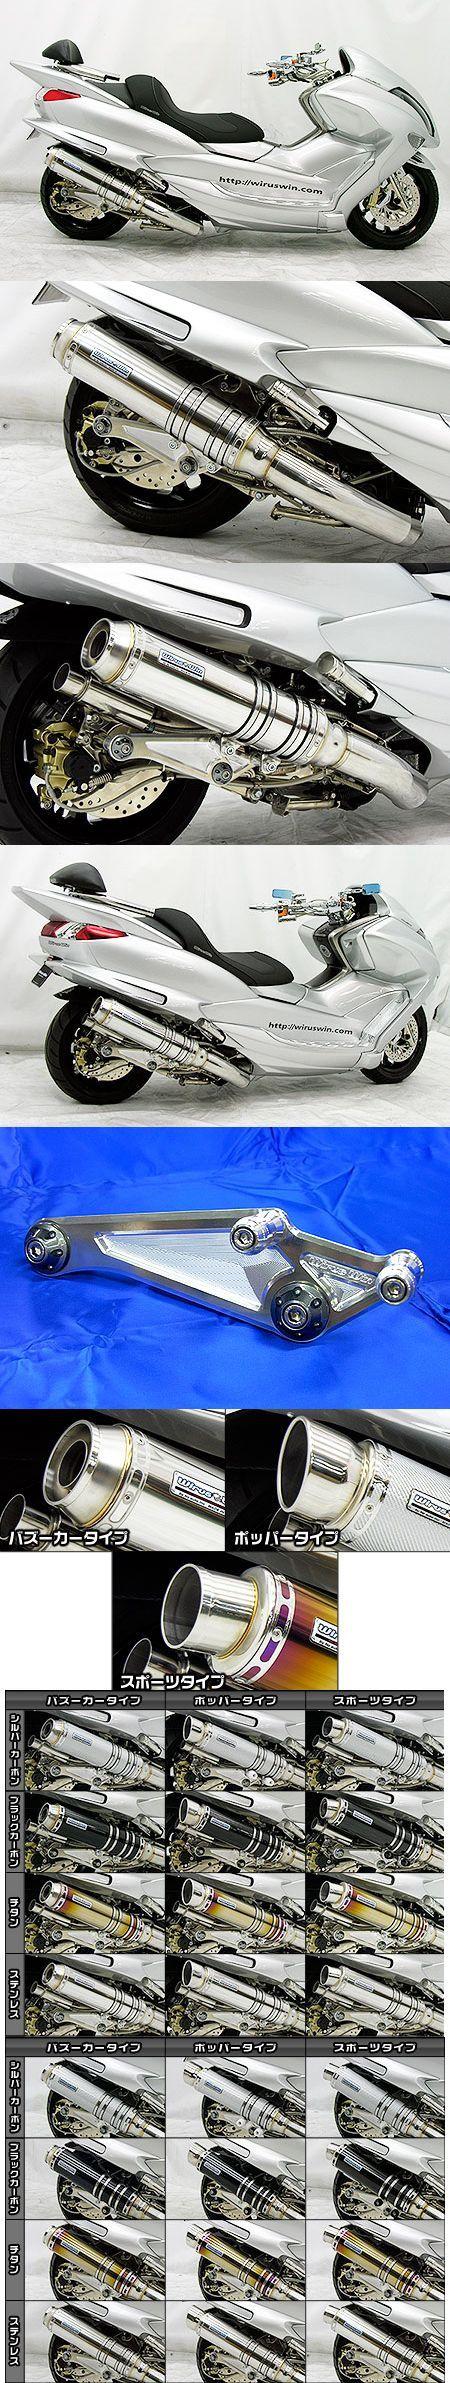 【WirusWin】Ultimate全段排氣管 不鏽鋼款式 火箭筒型 - 「Webike-摩托百貨」